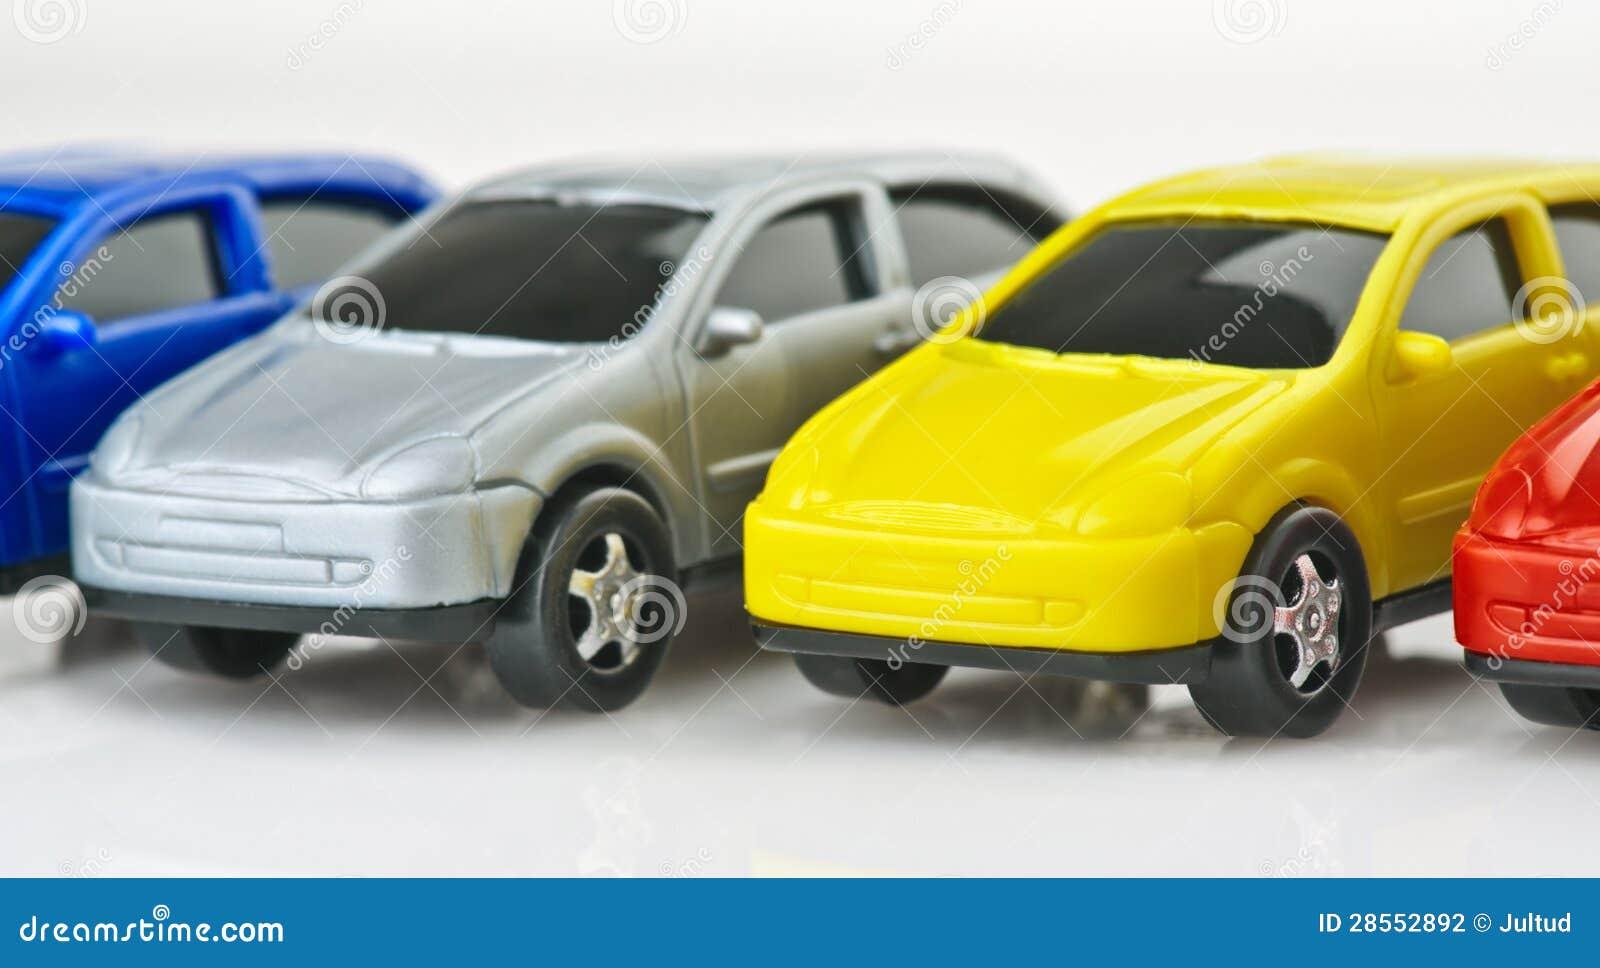 玩具汽车 图库摄影 - 图片